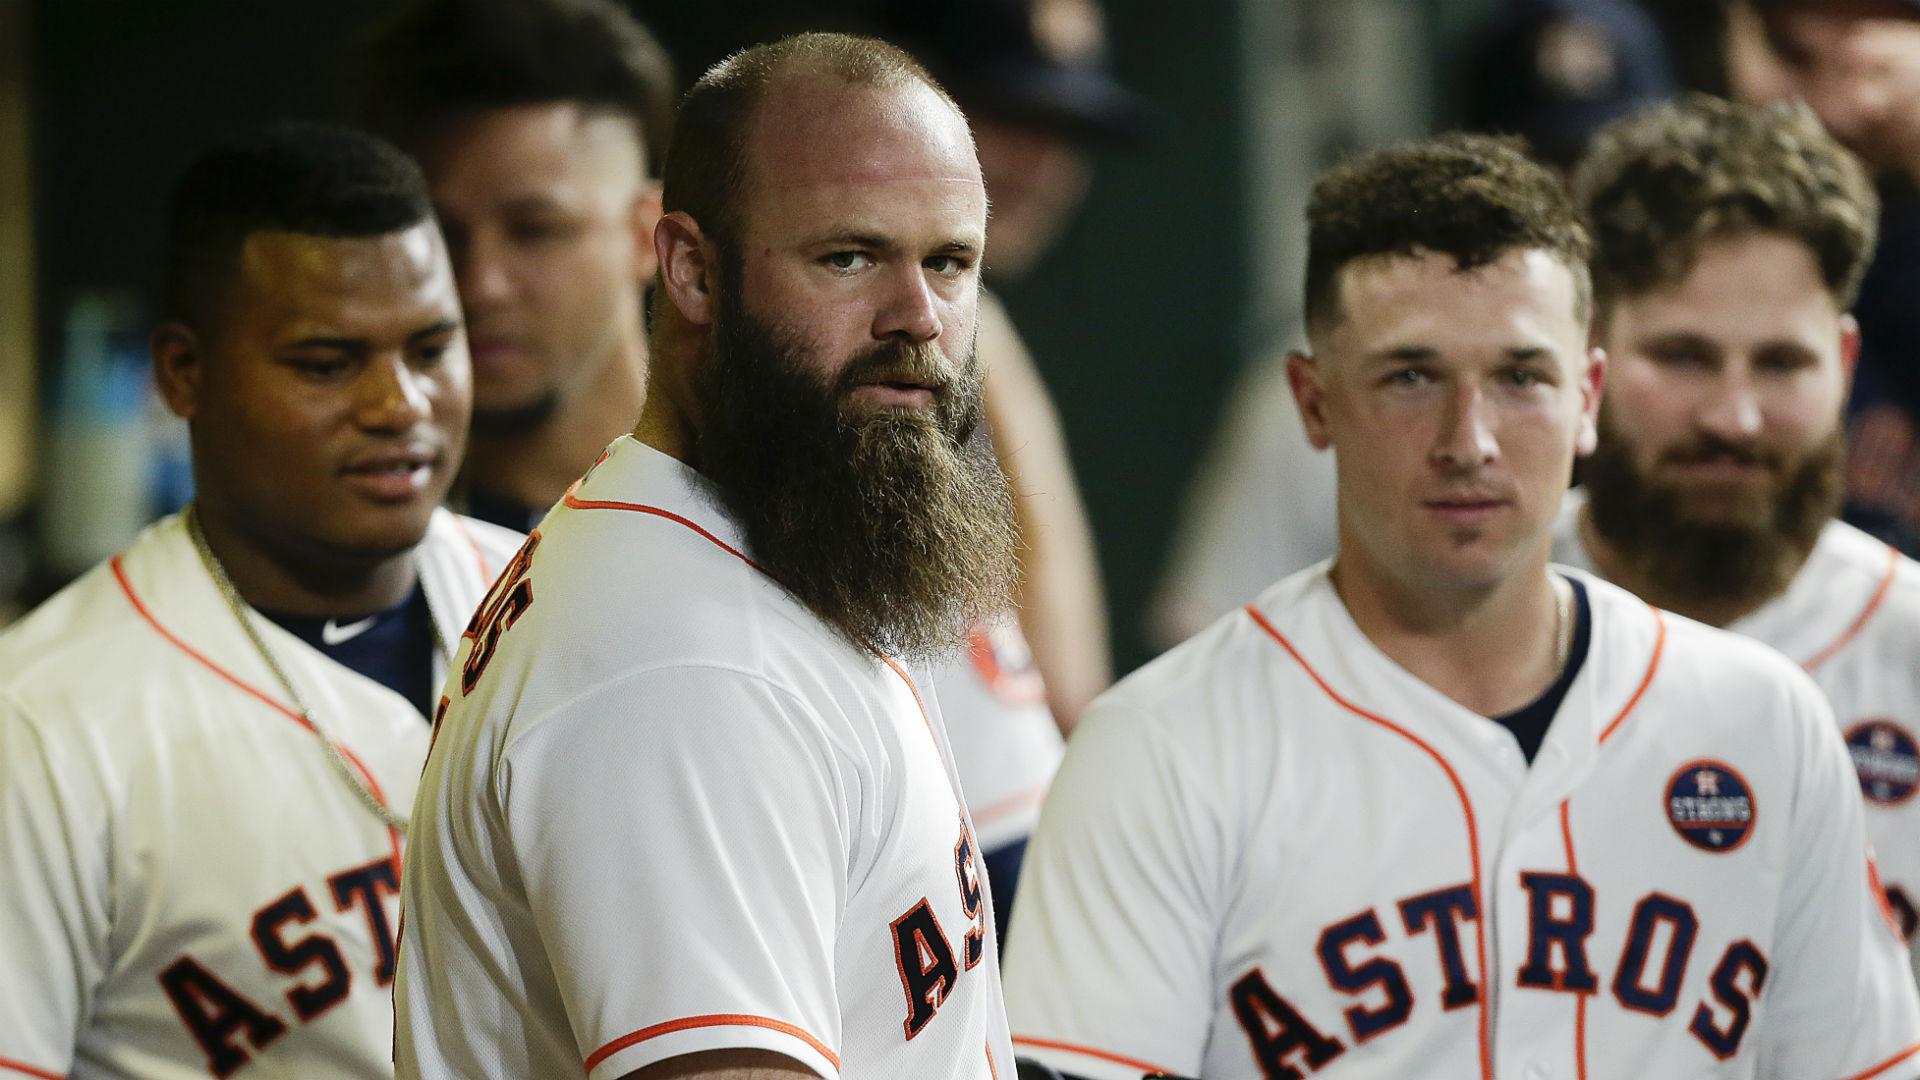 El ex toletero de los Astros, Evan Gattis, explica la compra del vidrio 'soplones consigue puntadas' con Mike Fiers 38